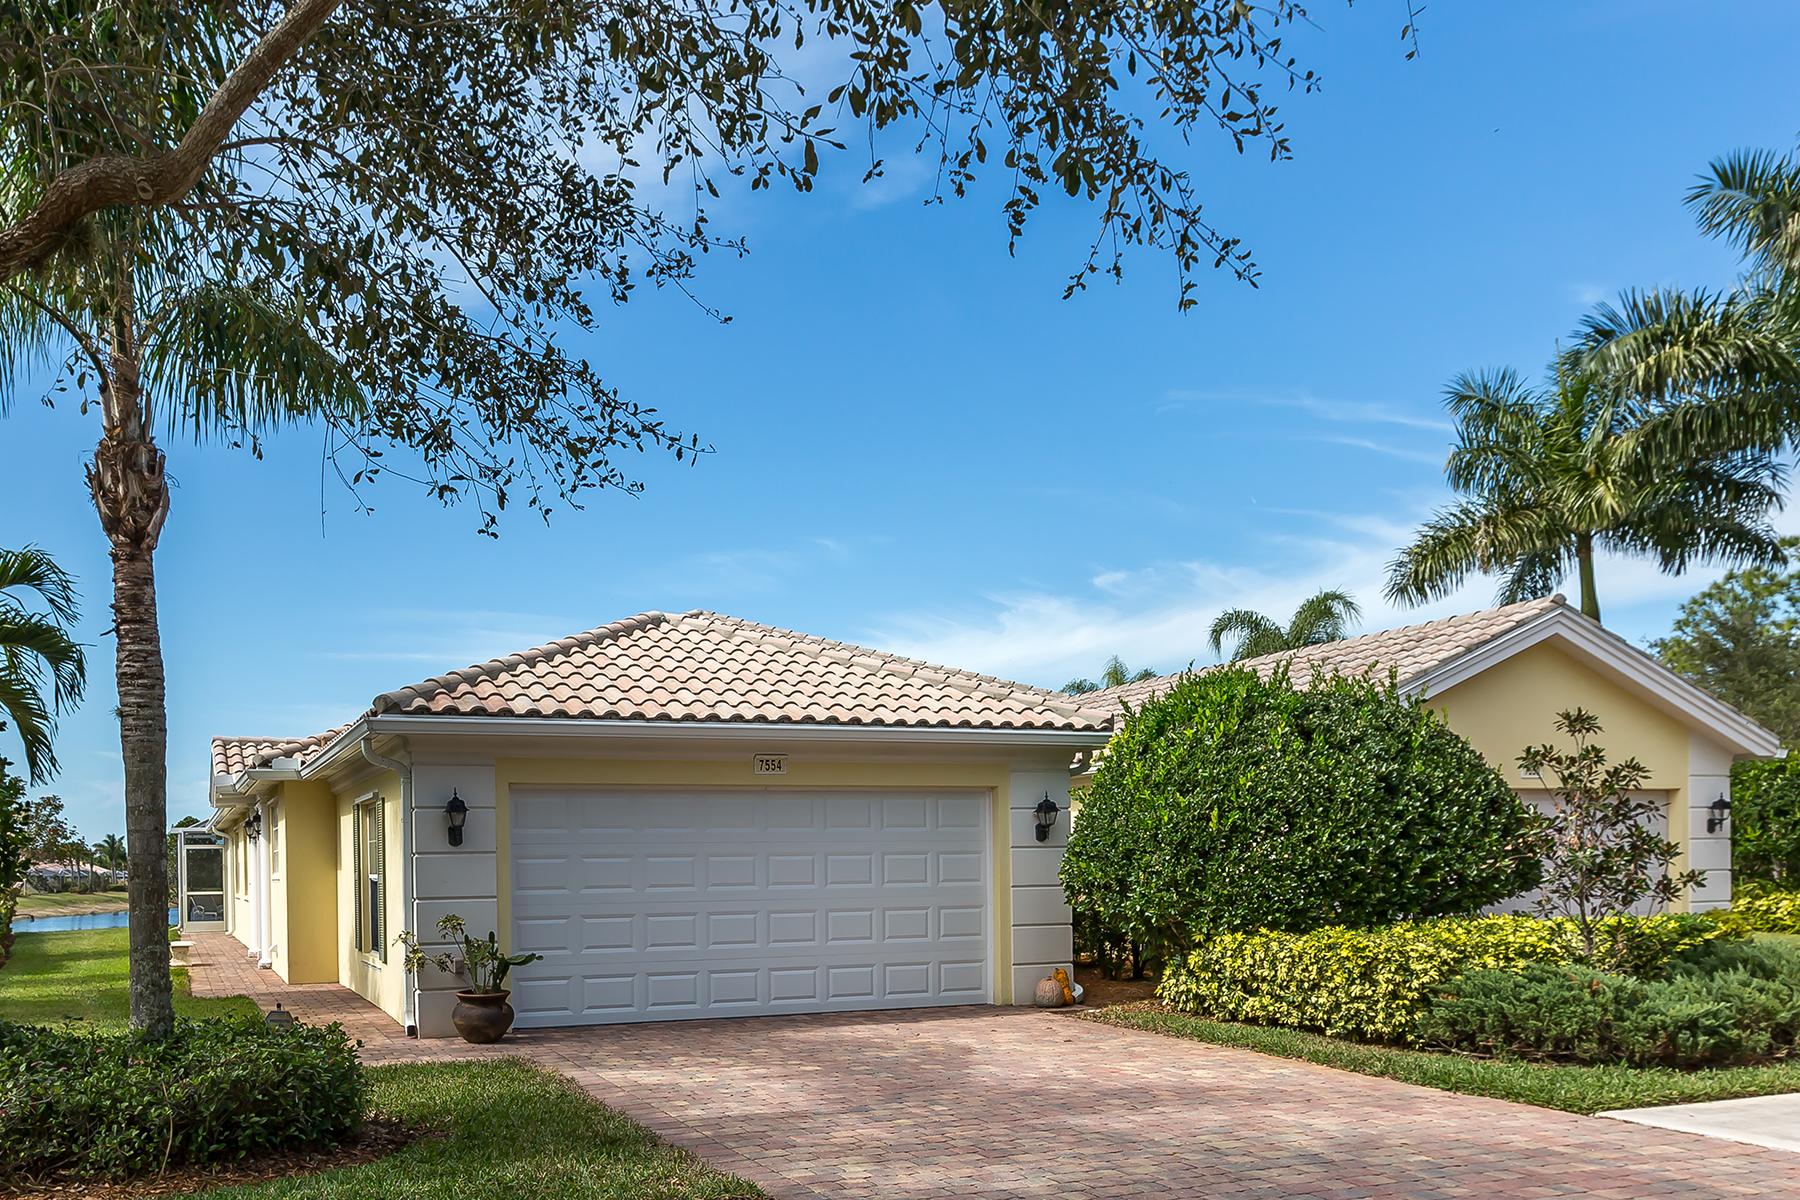 дуплекс для того Продажа на VERONA WALK 7554 Rozzini Ln Naples, Флорида, 34114 Соединенные Штаты